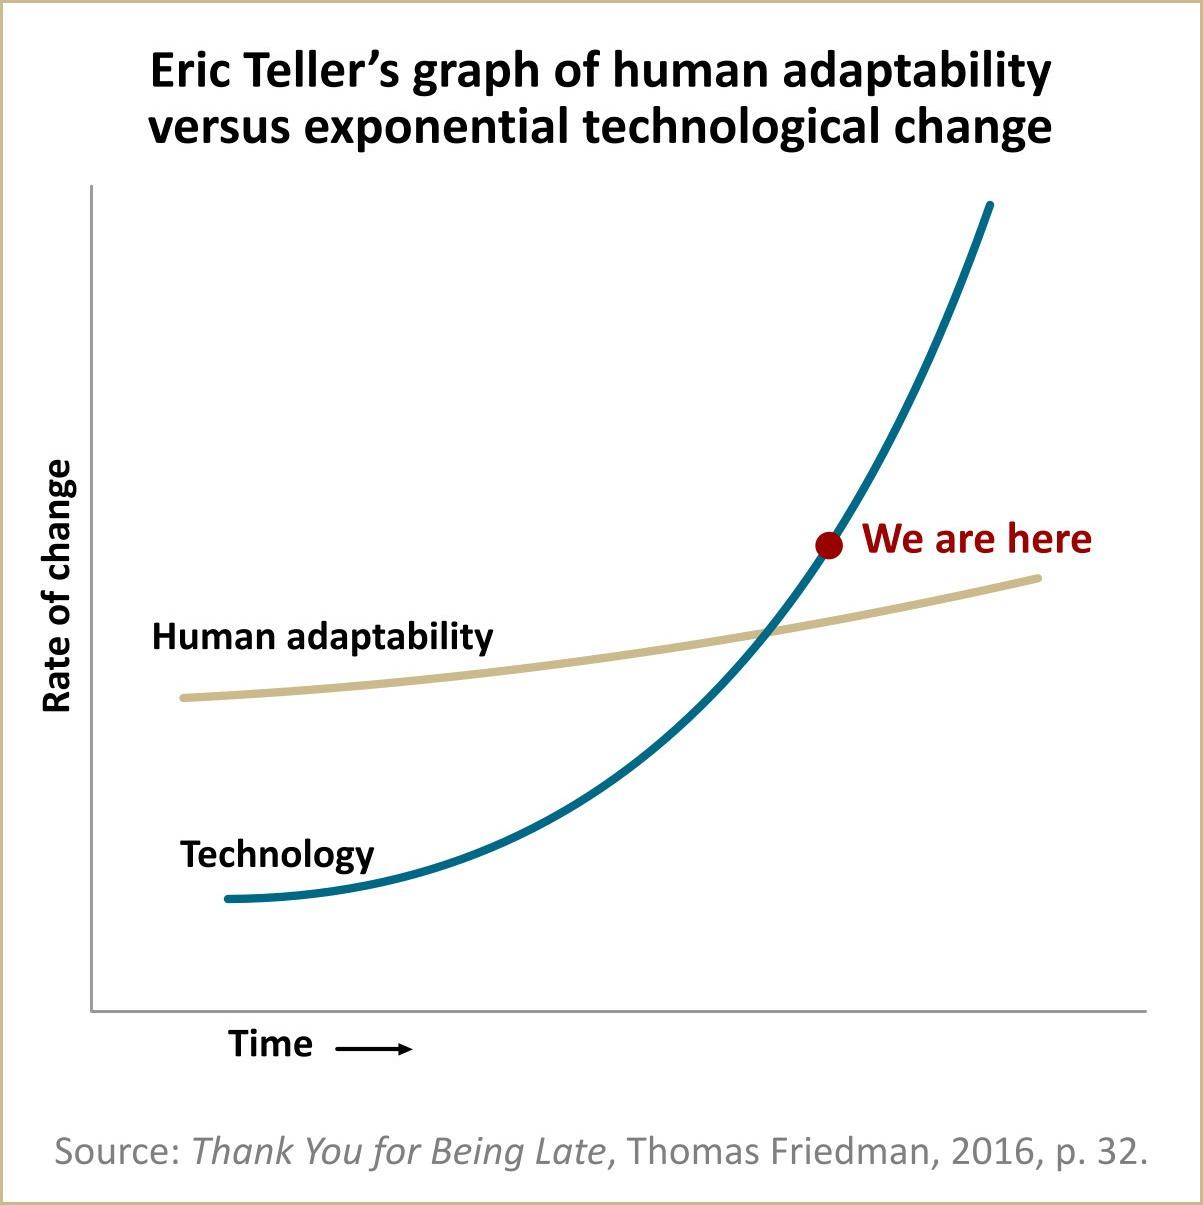 friedman+tellers+graph+20171107v2-0.jpg